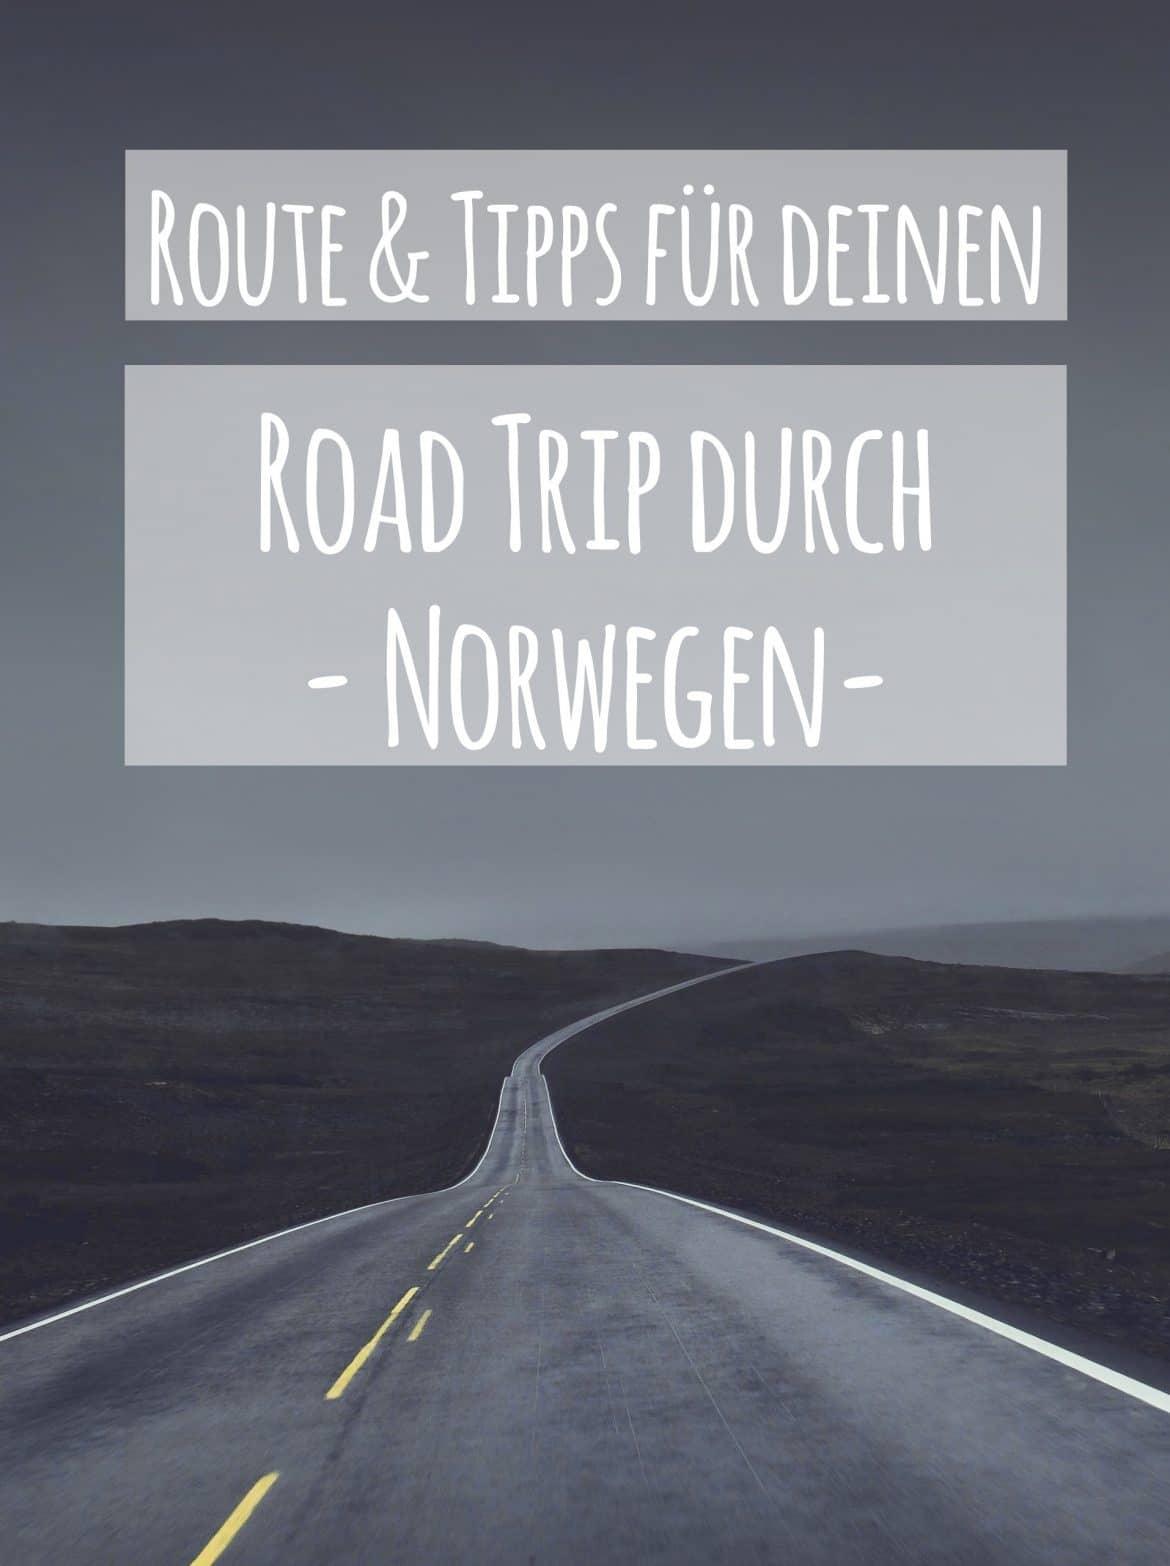 Camping Norwegen - Strecke, Campingplätze und Tipps für einen Road Trip von Berlin bis zum Nordkap